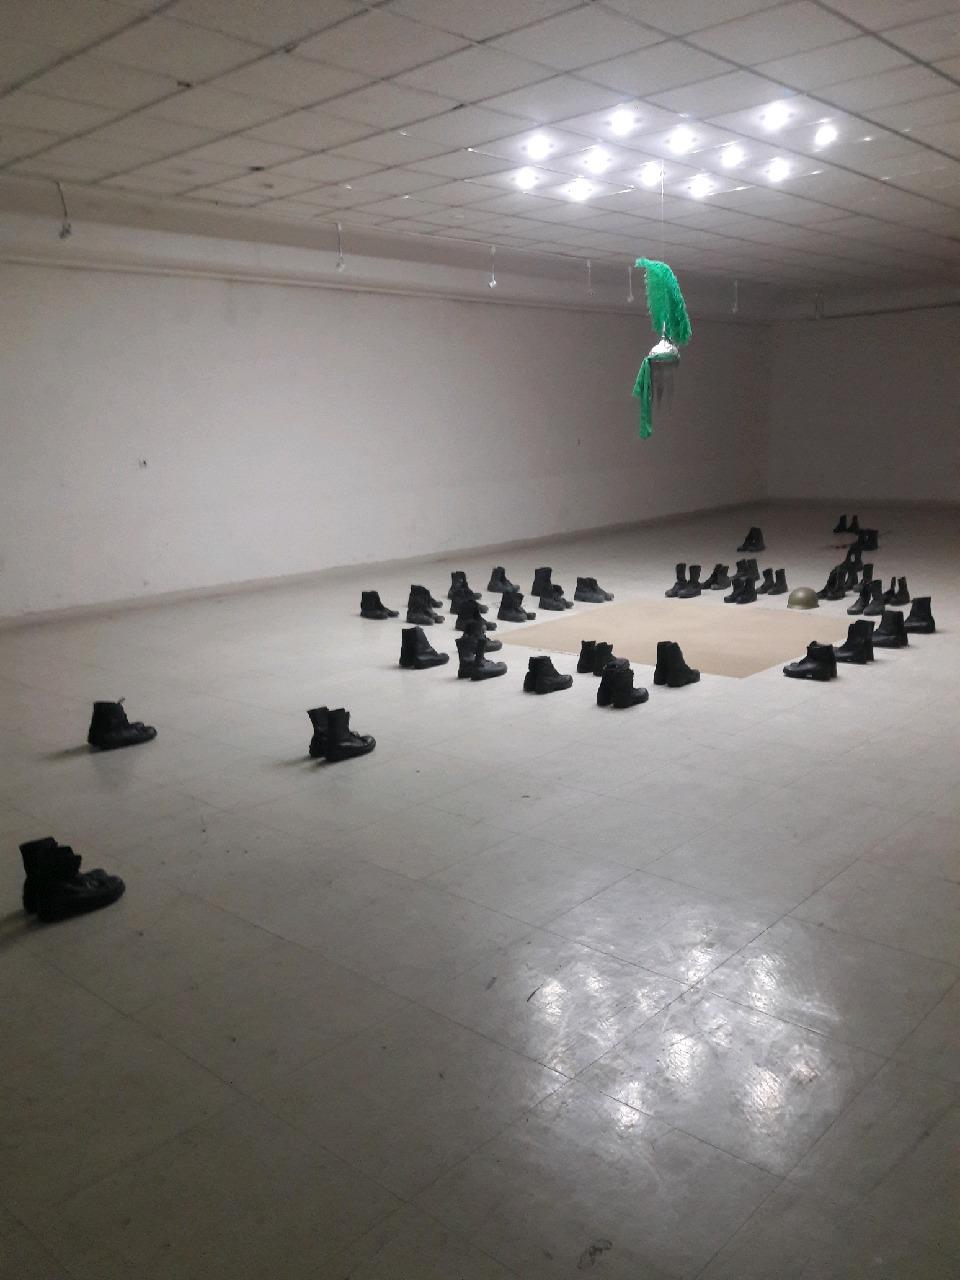 افتتاح نمایشگاه هنر مفهومی انقلاب تا ظهور در اراک